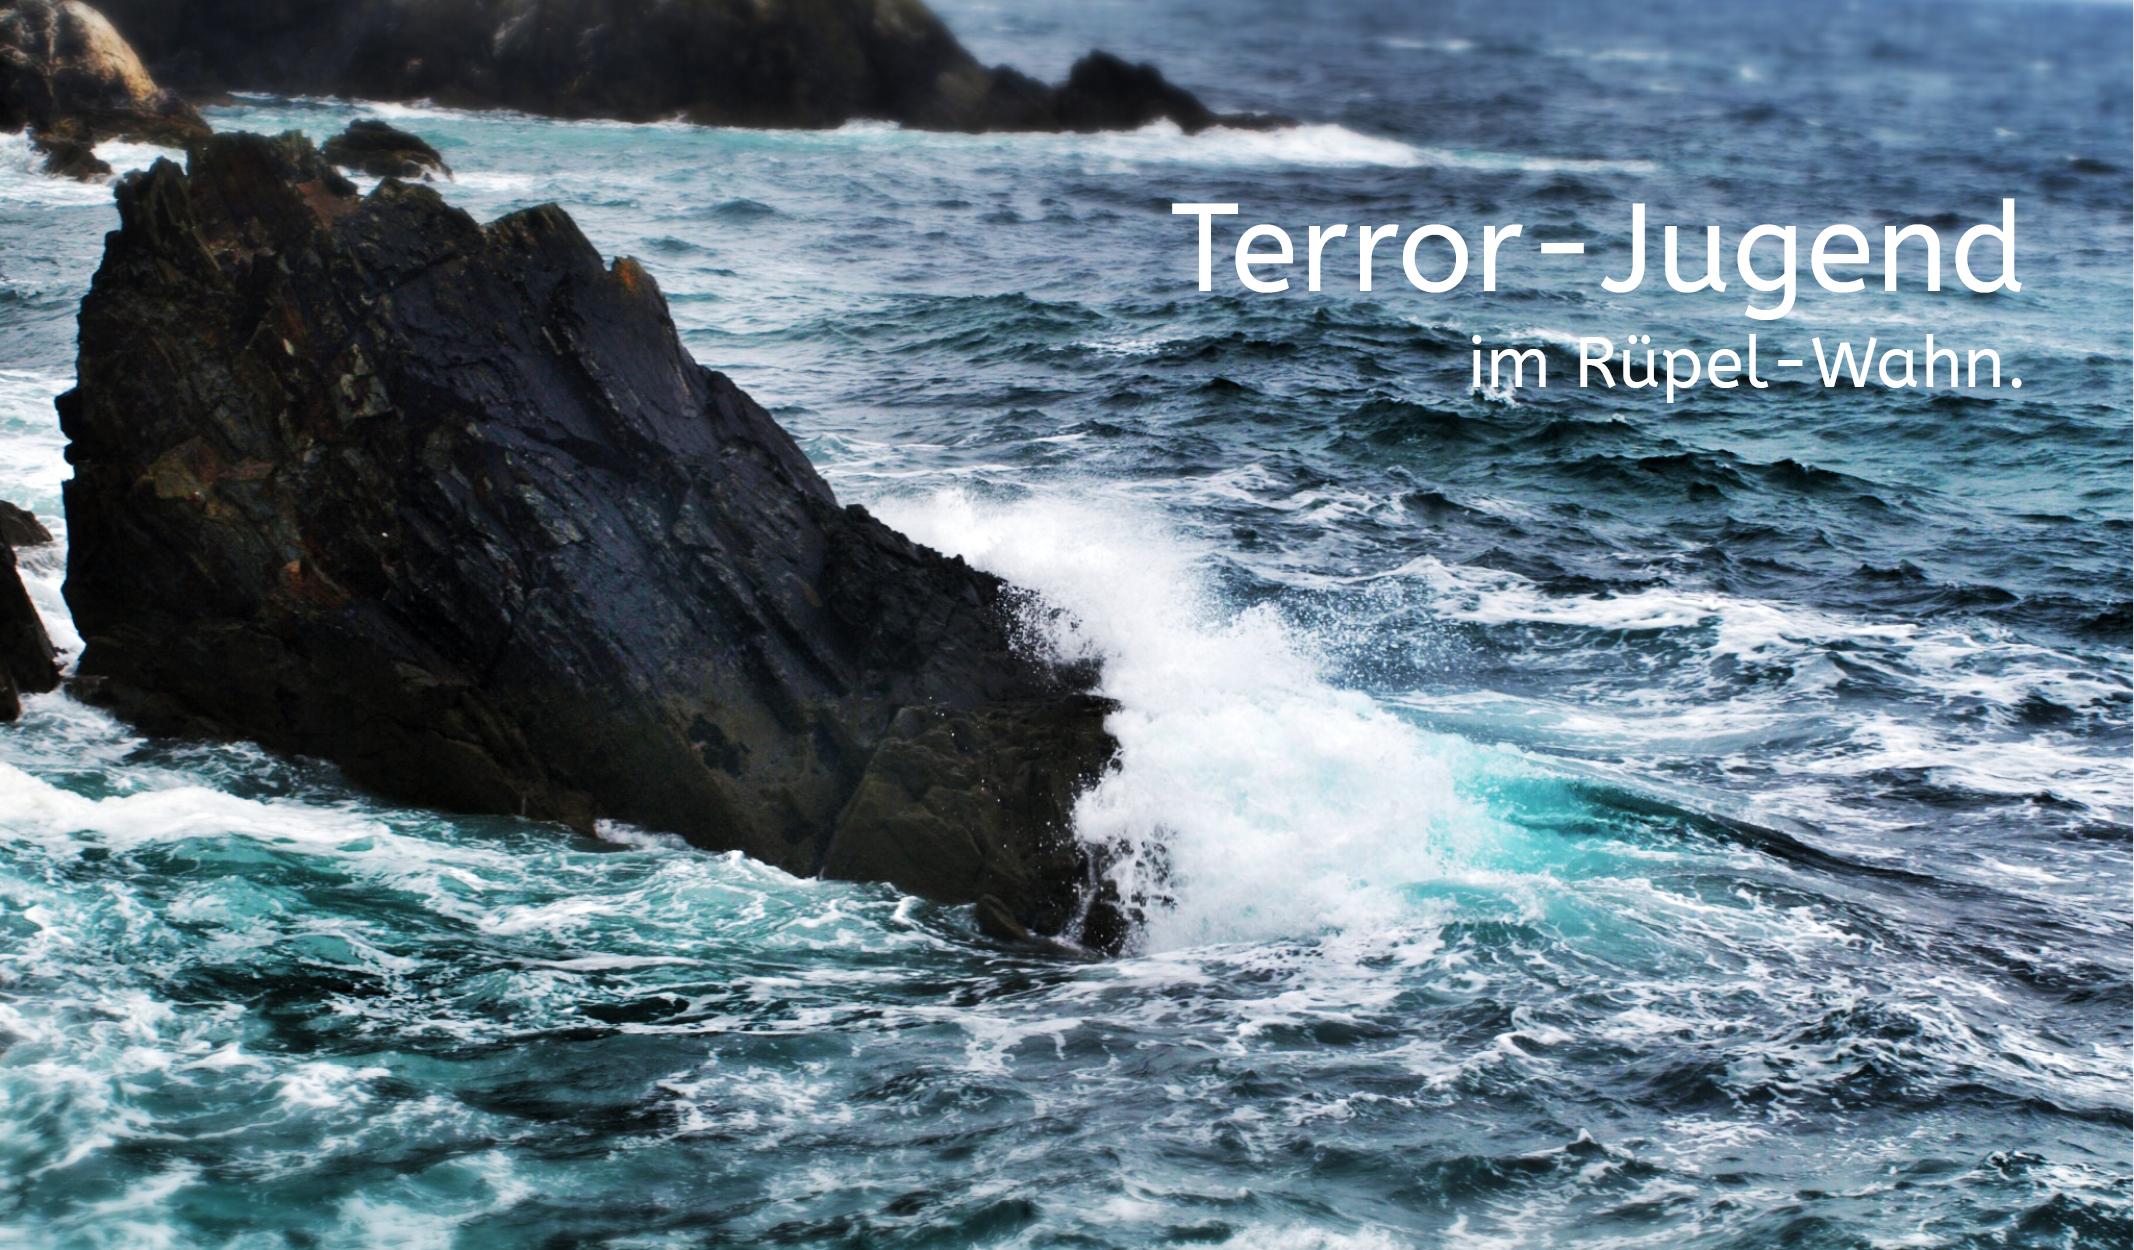 Terror-Jugend im Rüpelwahn